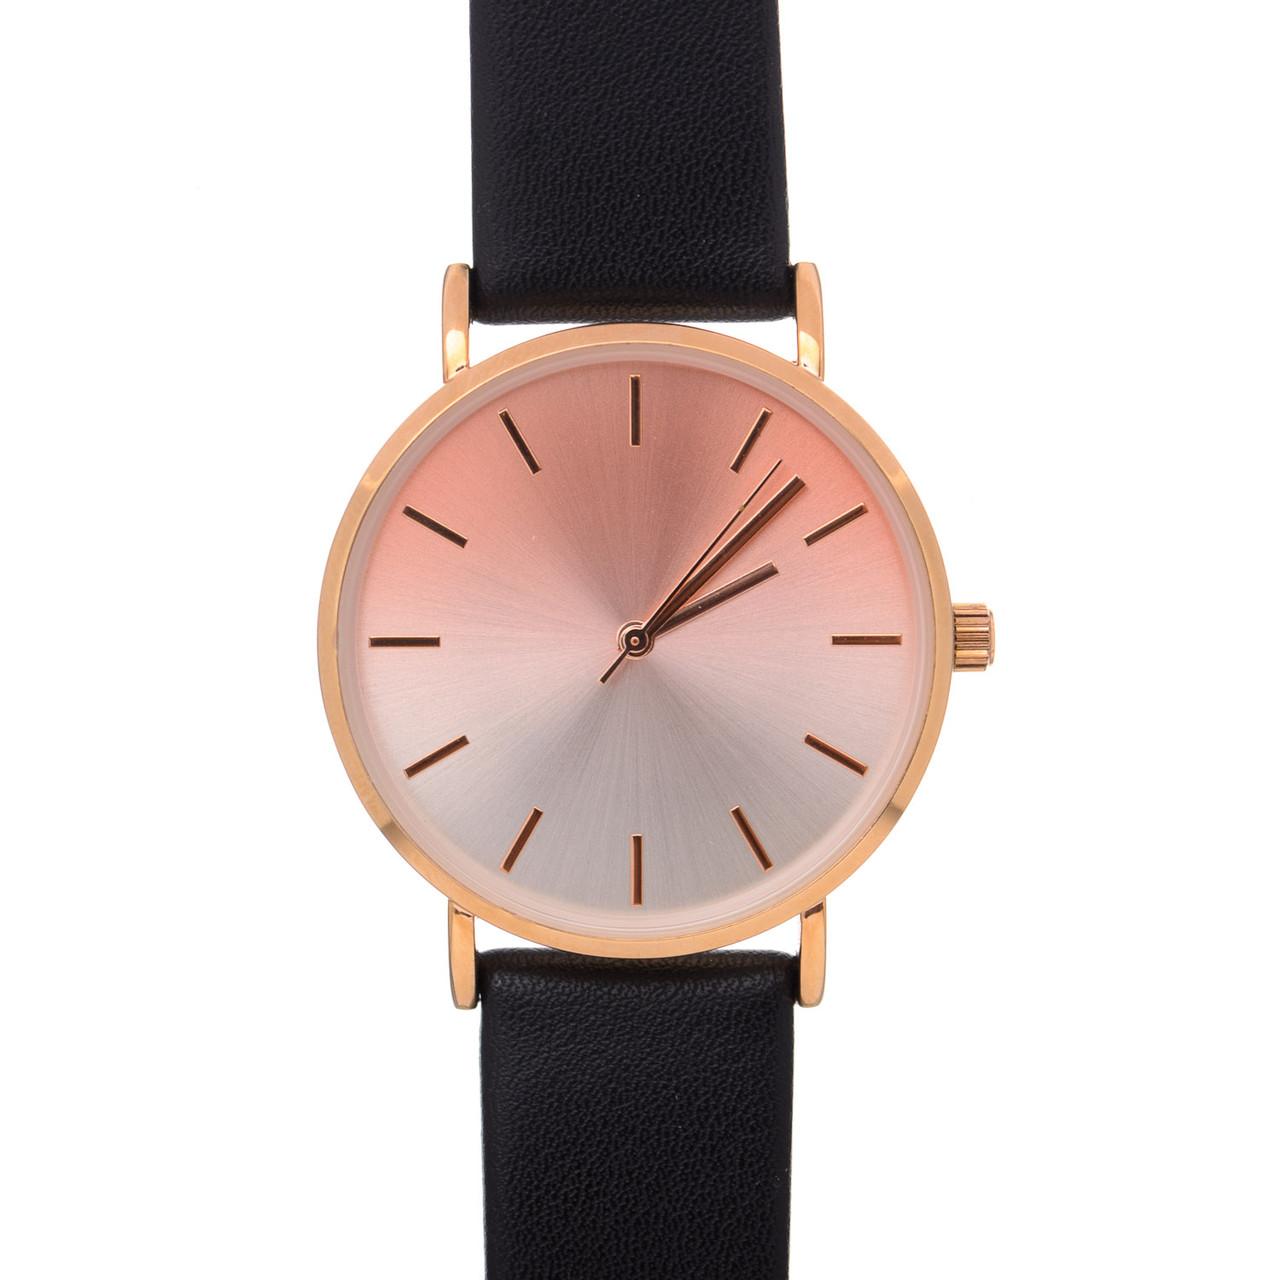 Жіночий годинник Even&Odd eww-rf17-0277 Gold Black